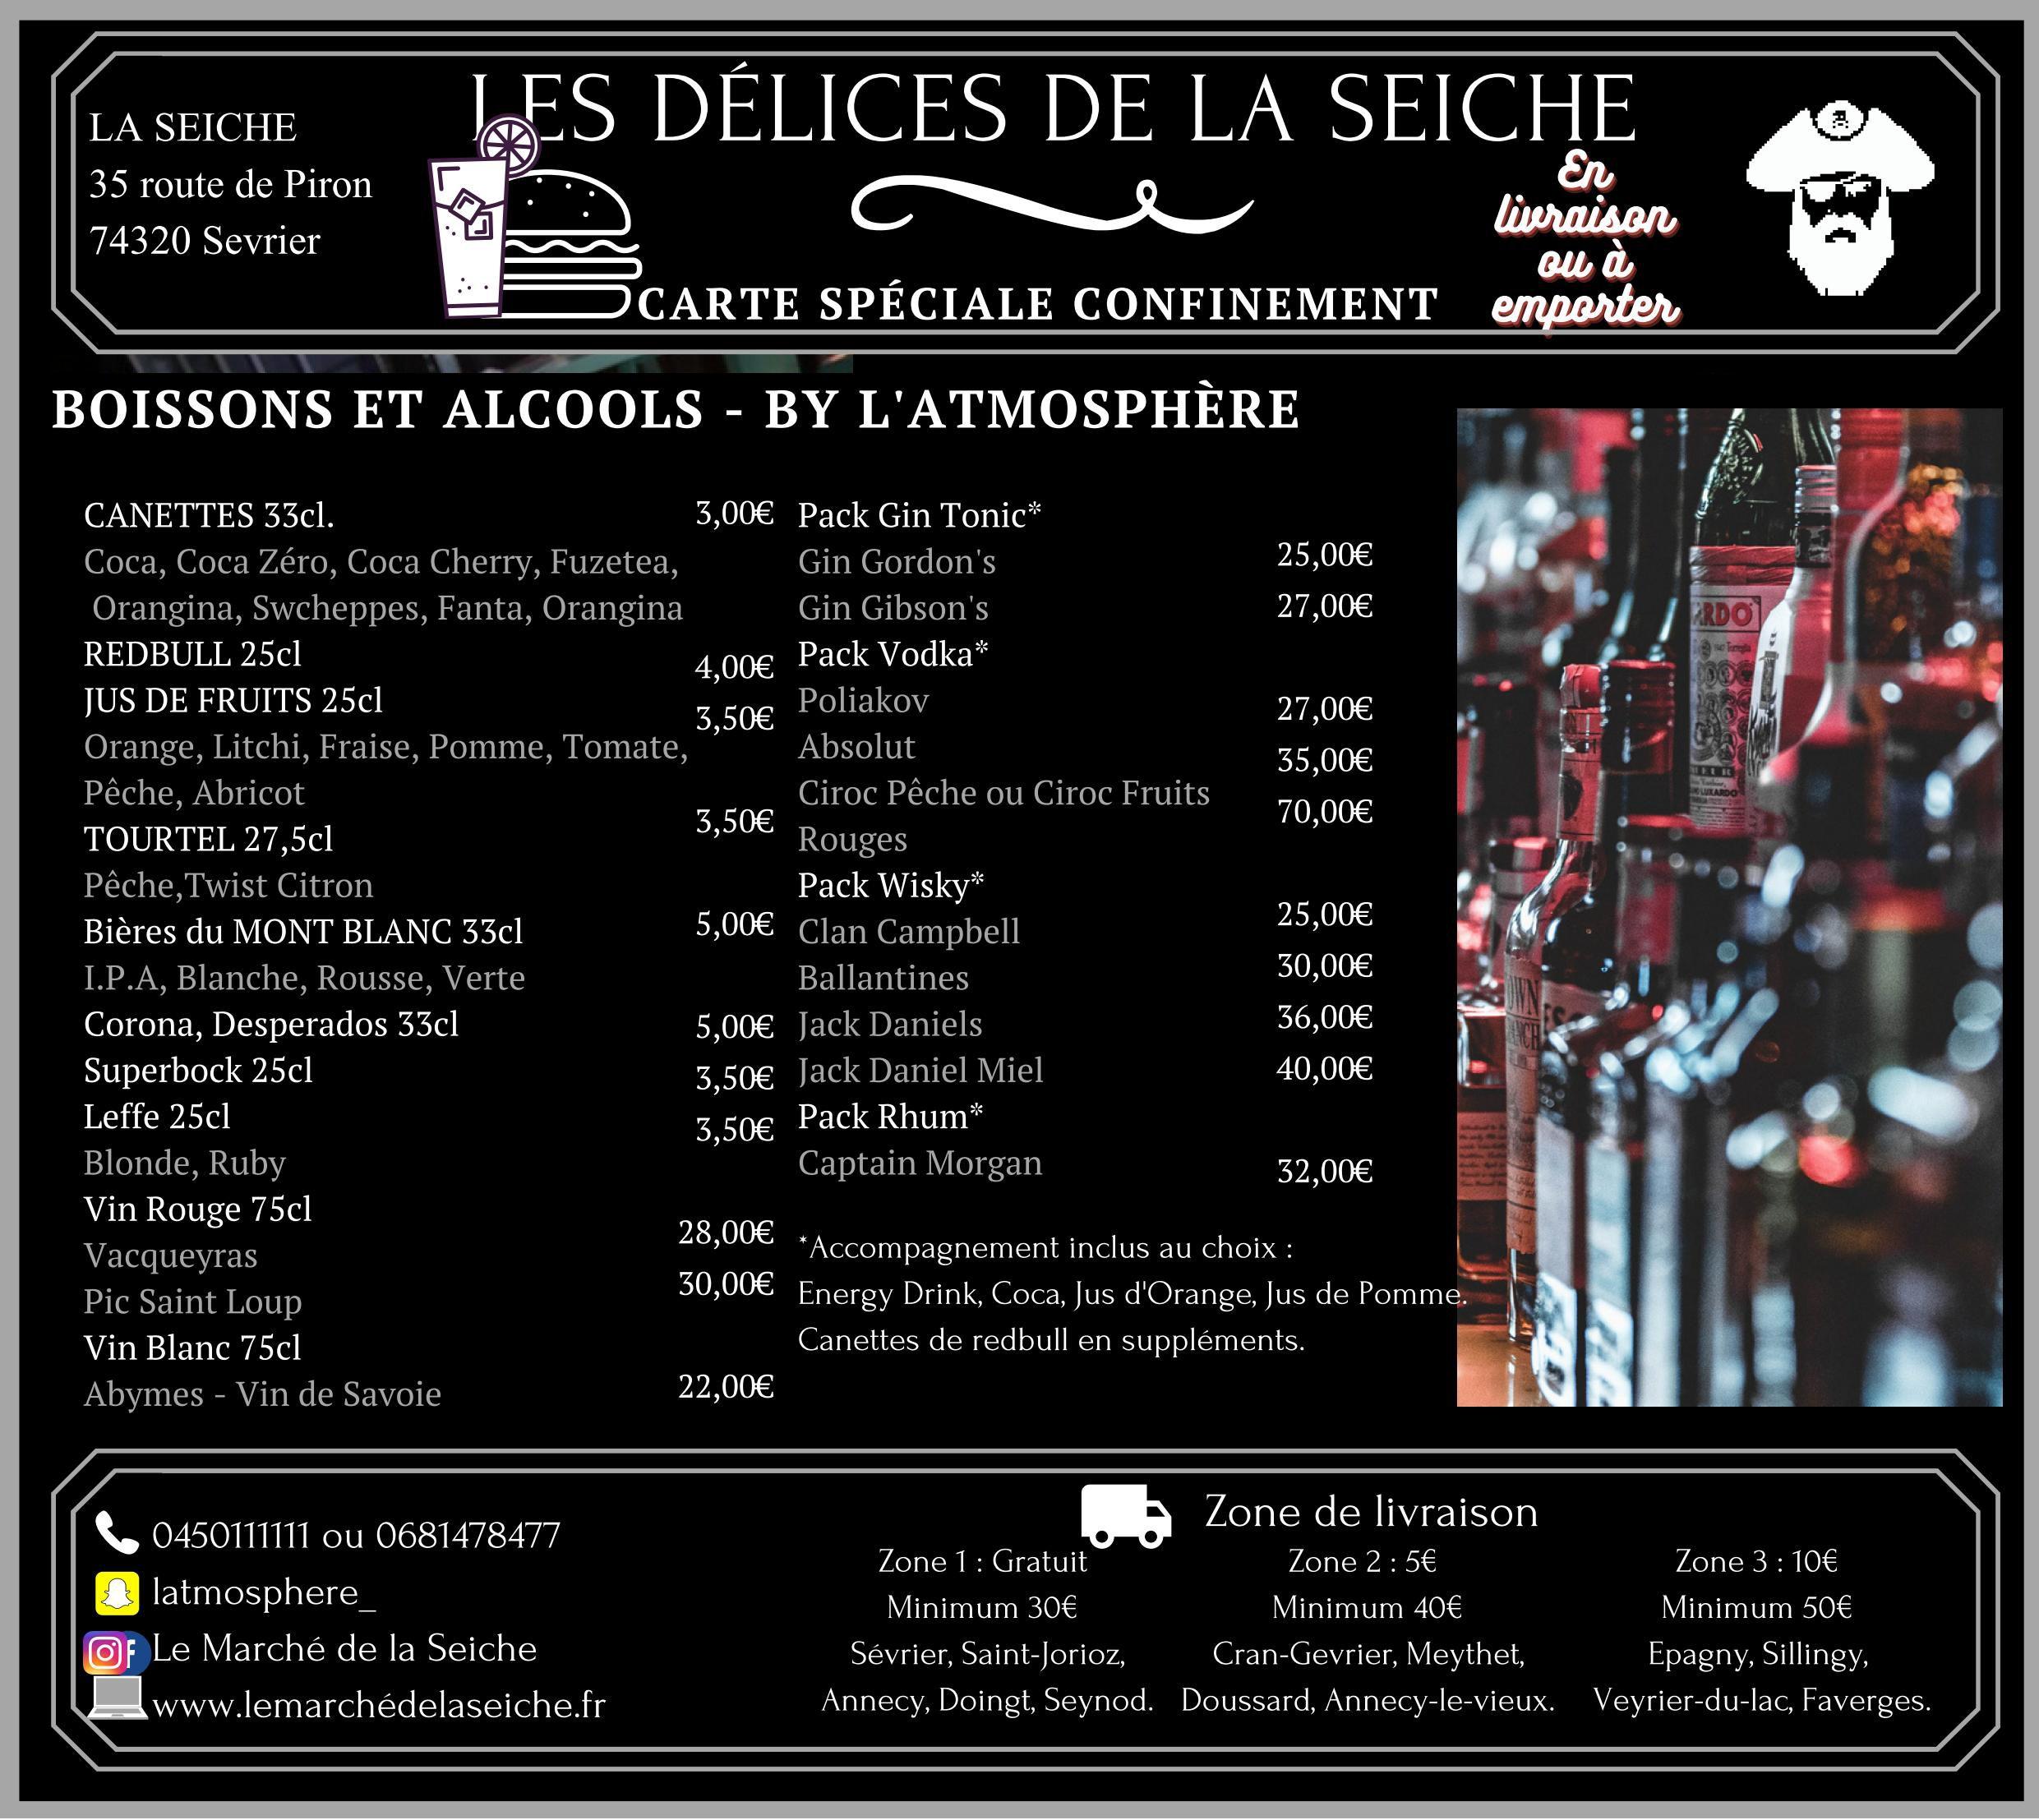 Carte boissons livraison et emporter confinement automne - La Seiche - Sevrier - Annecy - Saint-Jorioz -Faverges